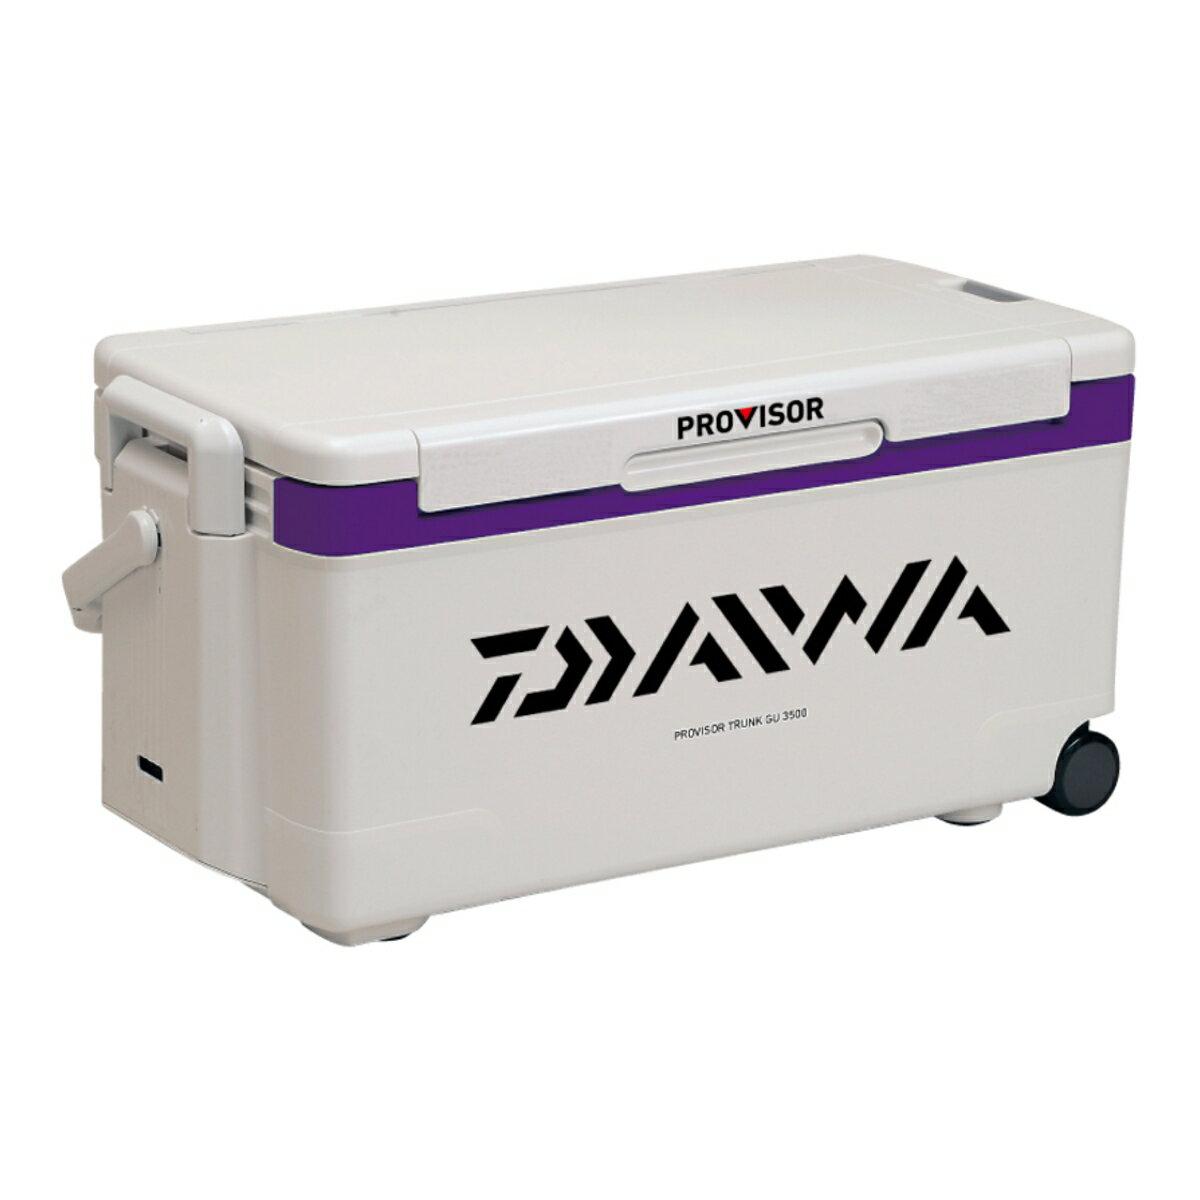 ダイワ プロバイザートランク GU-3500 パープル クーラーボックス【6co01】